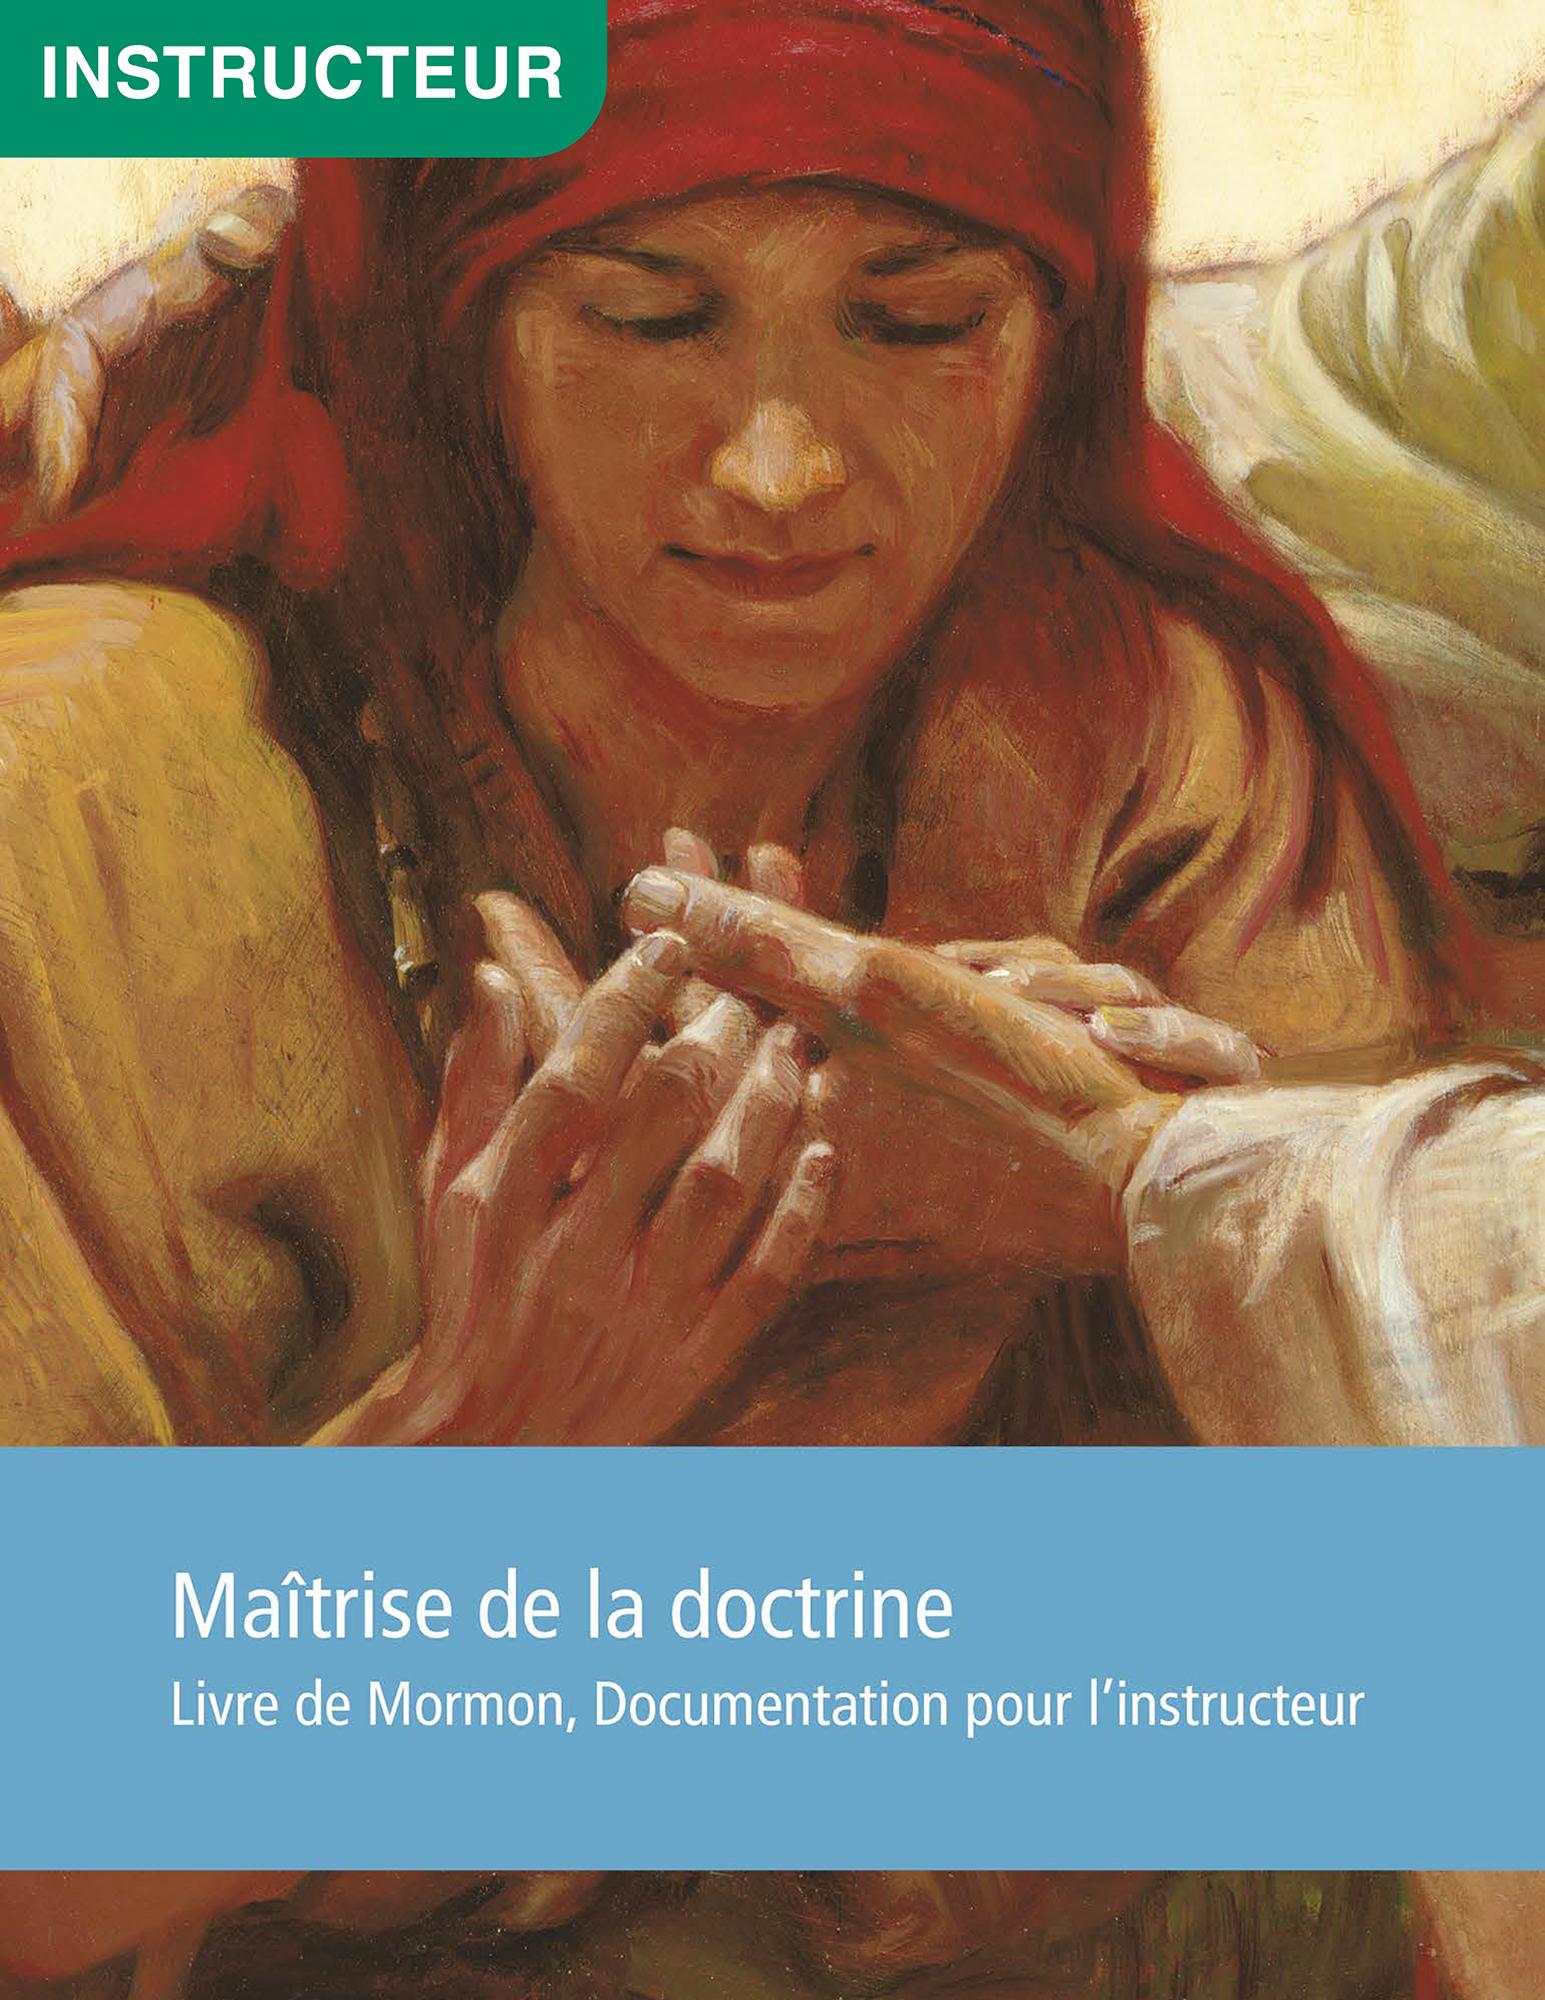 Maîtrise de la Doctrine, Livre de Mormon, Documentation pour l'instructeur